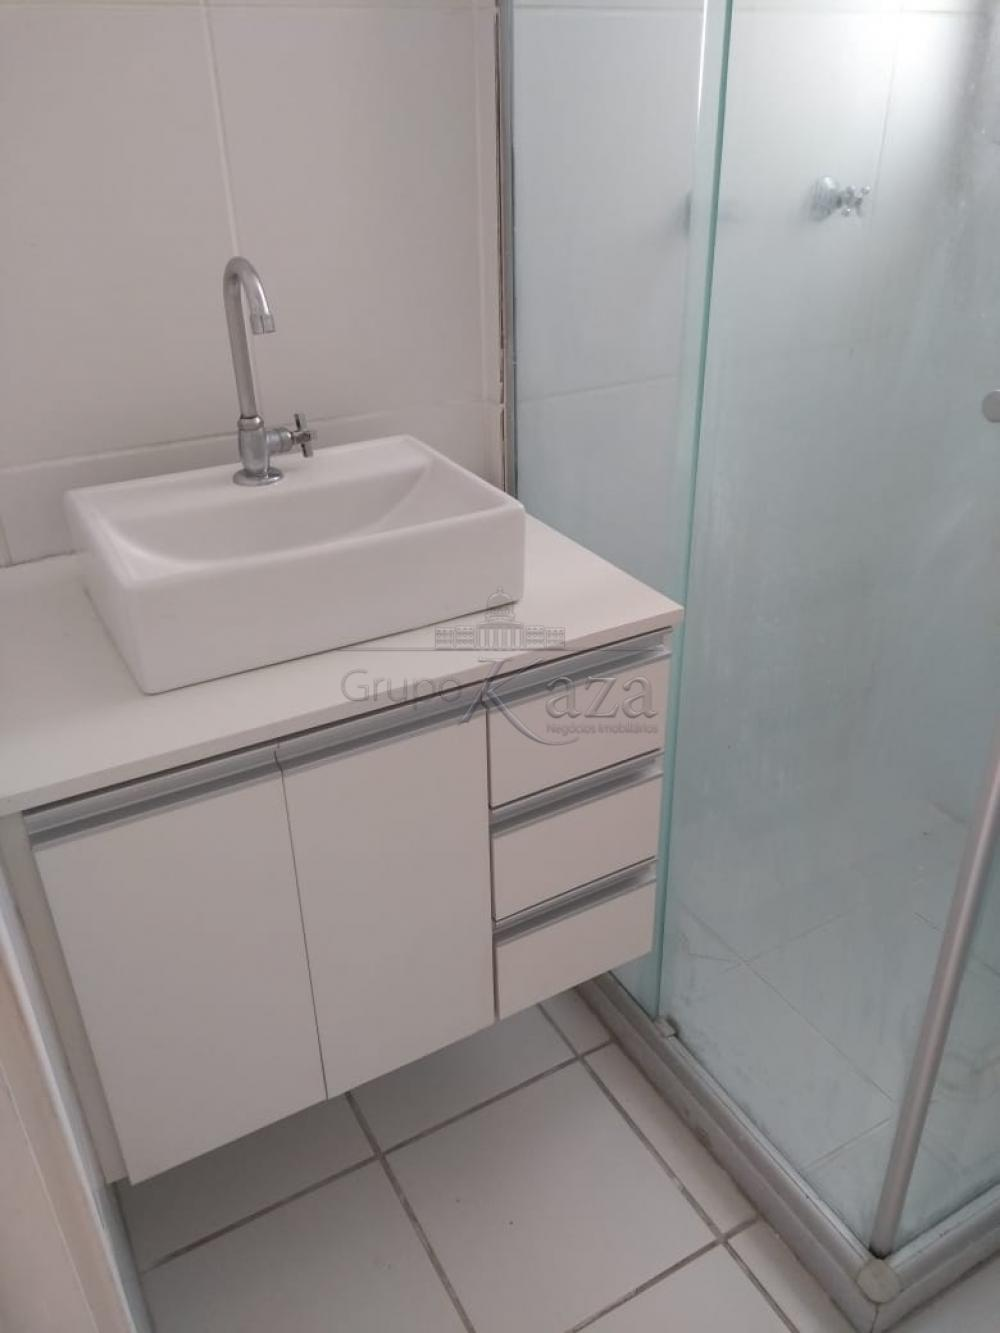 Comprar Apartamento / Padrão em São José dos Campos apenas R$ 299.000,00 - Foto 8